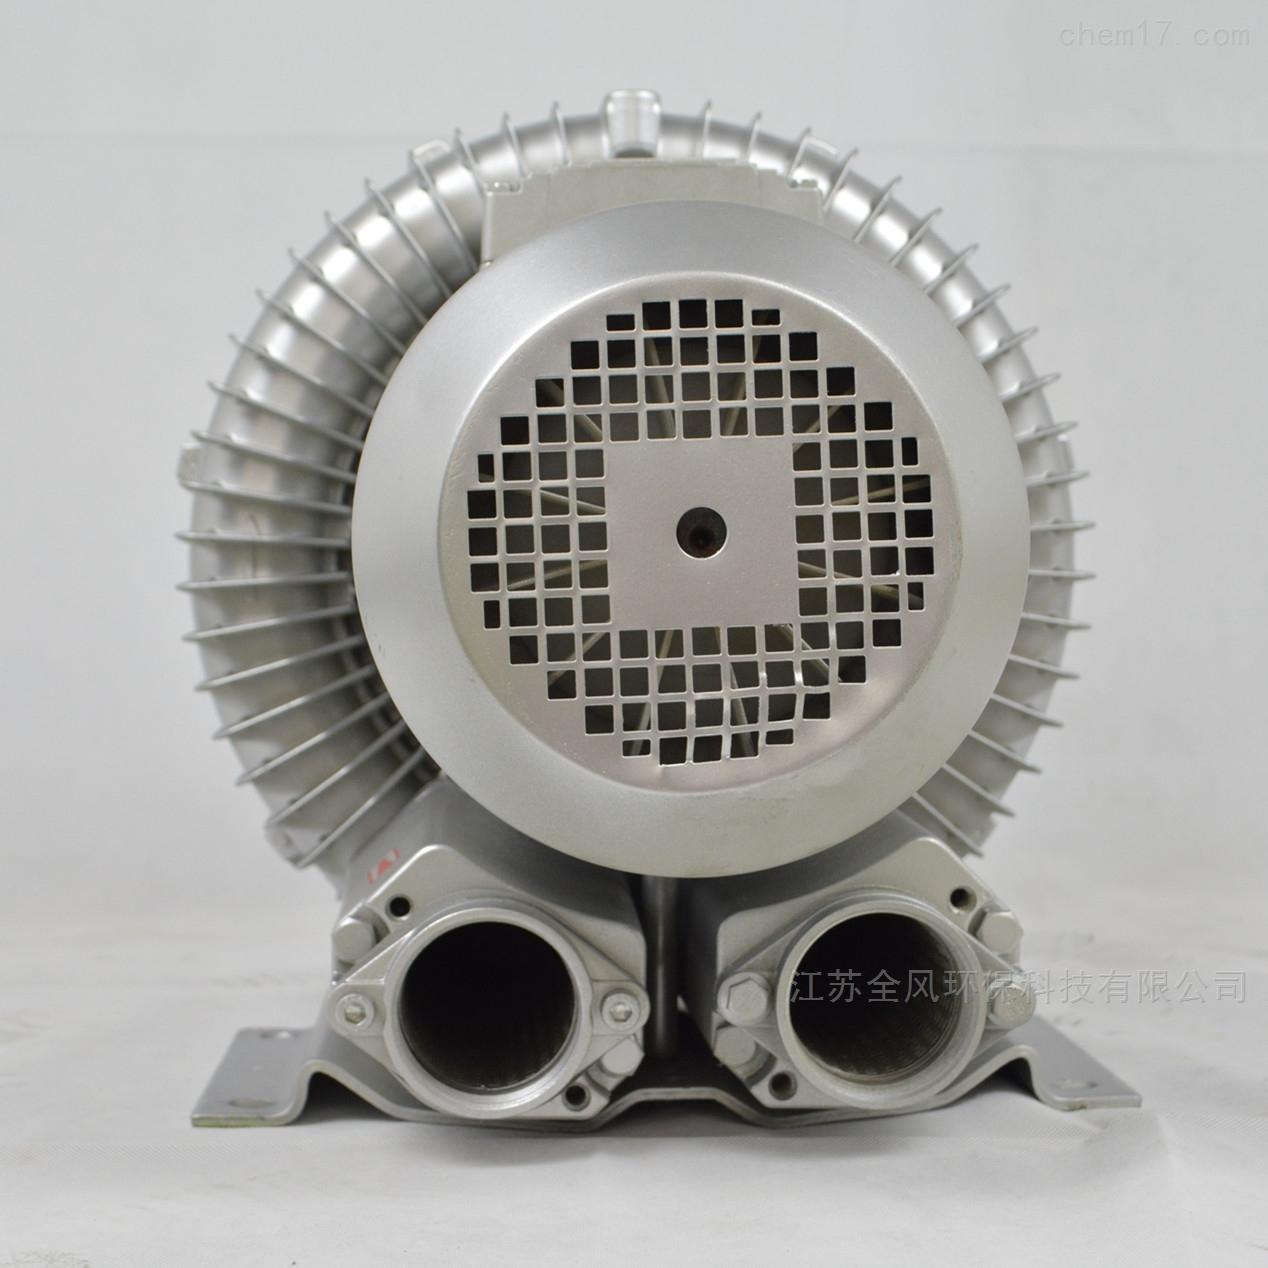 RB-5吹吸两用高压鼓风机 高压气泵